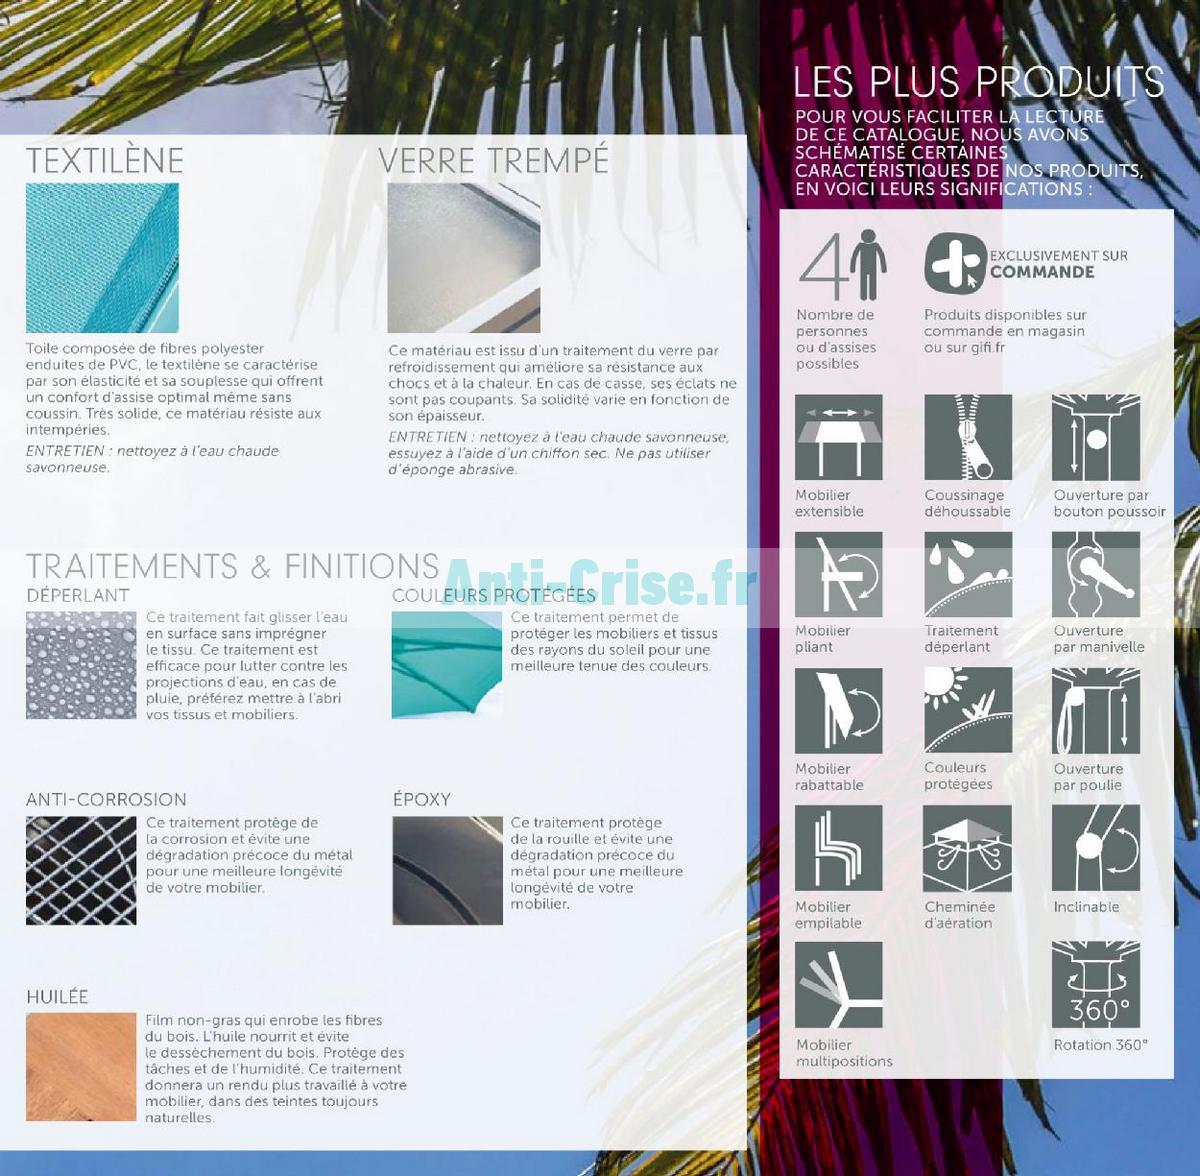 aout2018 Catalogue Gifi du 1er mai au 31 août 2018 (Plein Air) (7)